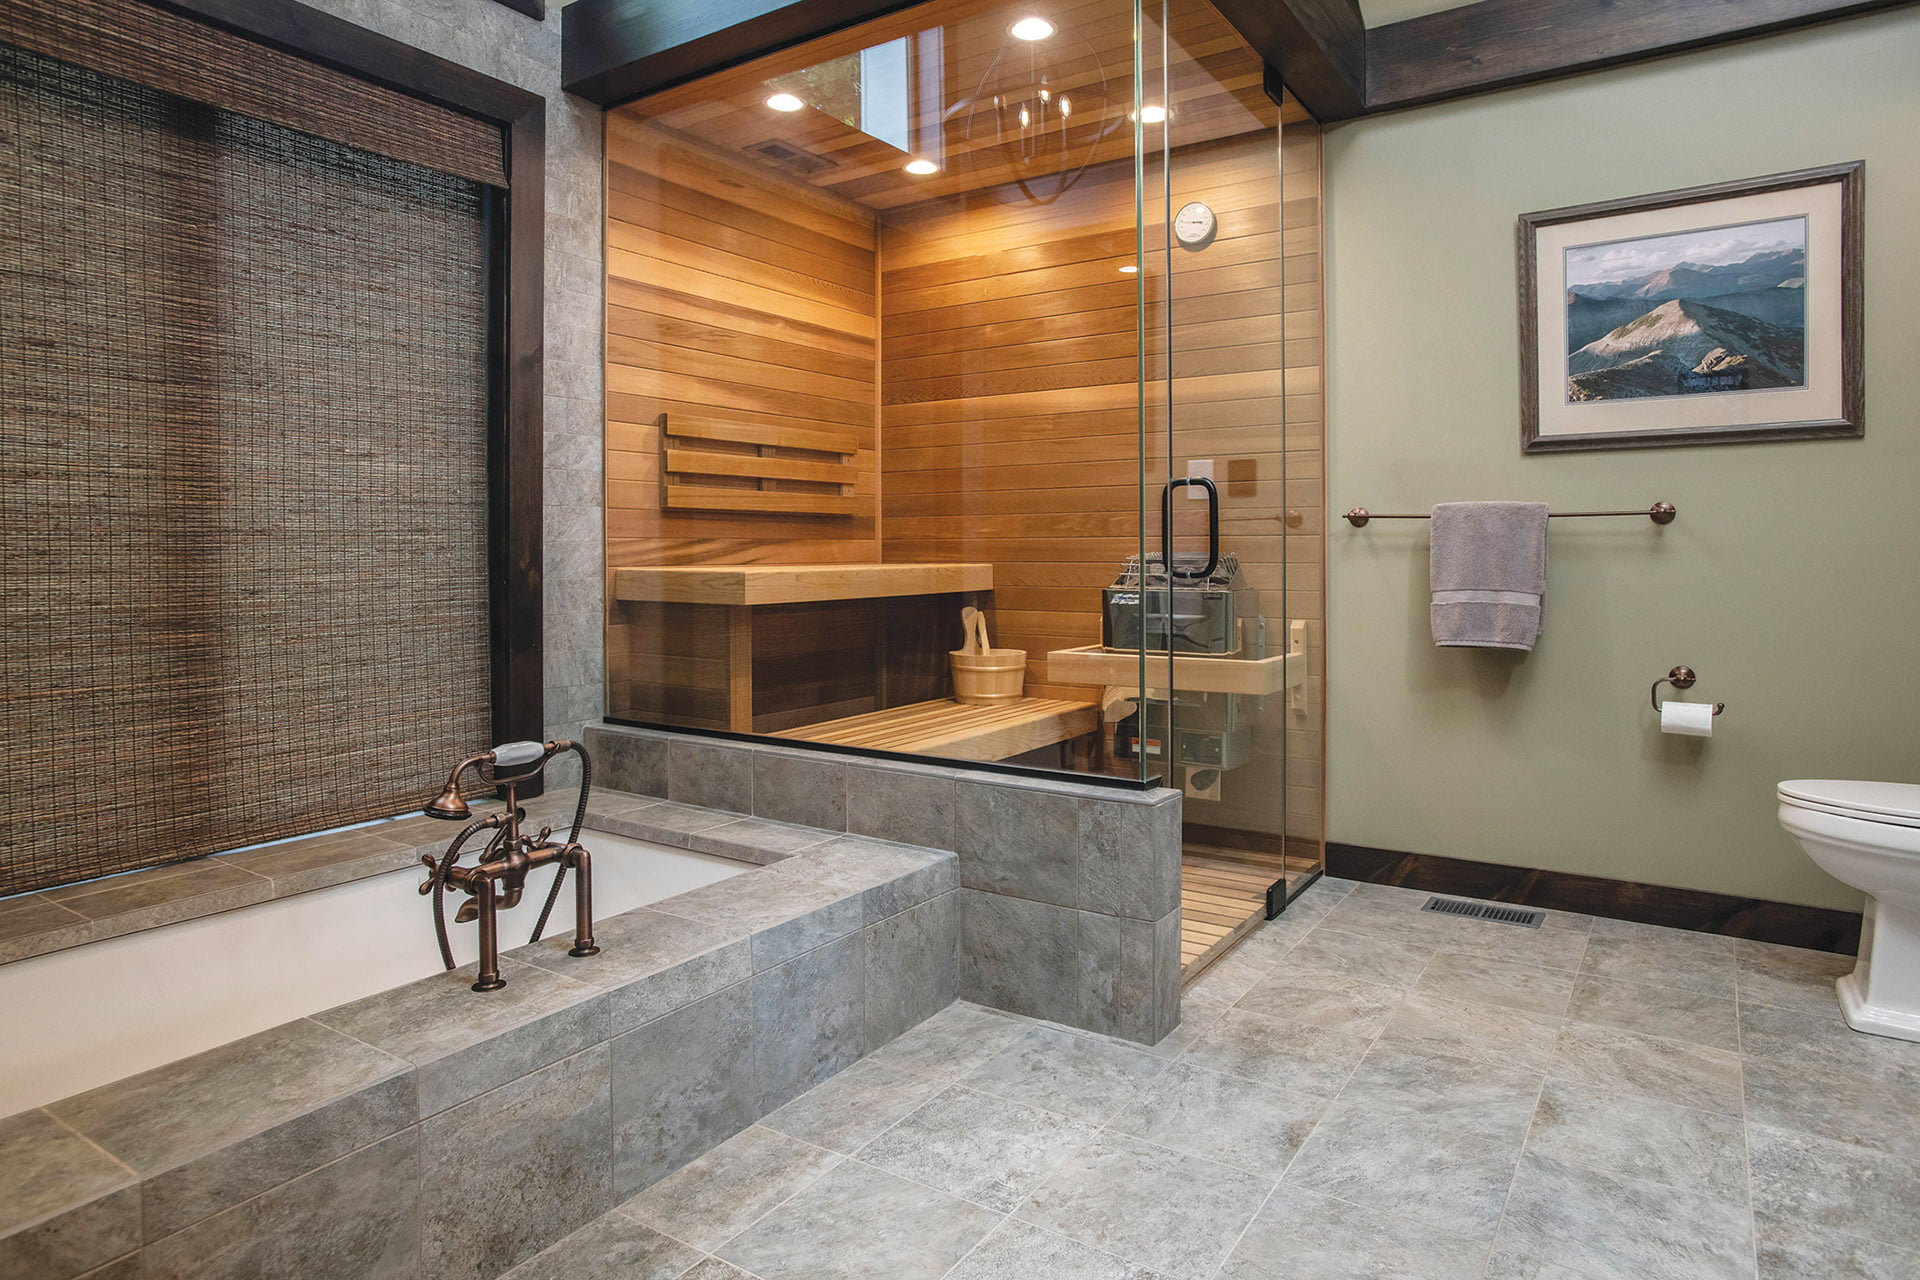 Cedar-clad sauna in bathroom